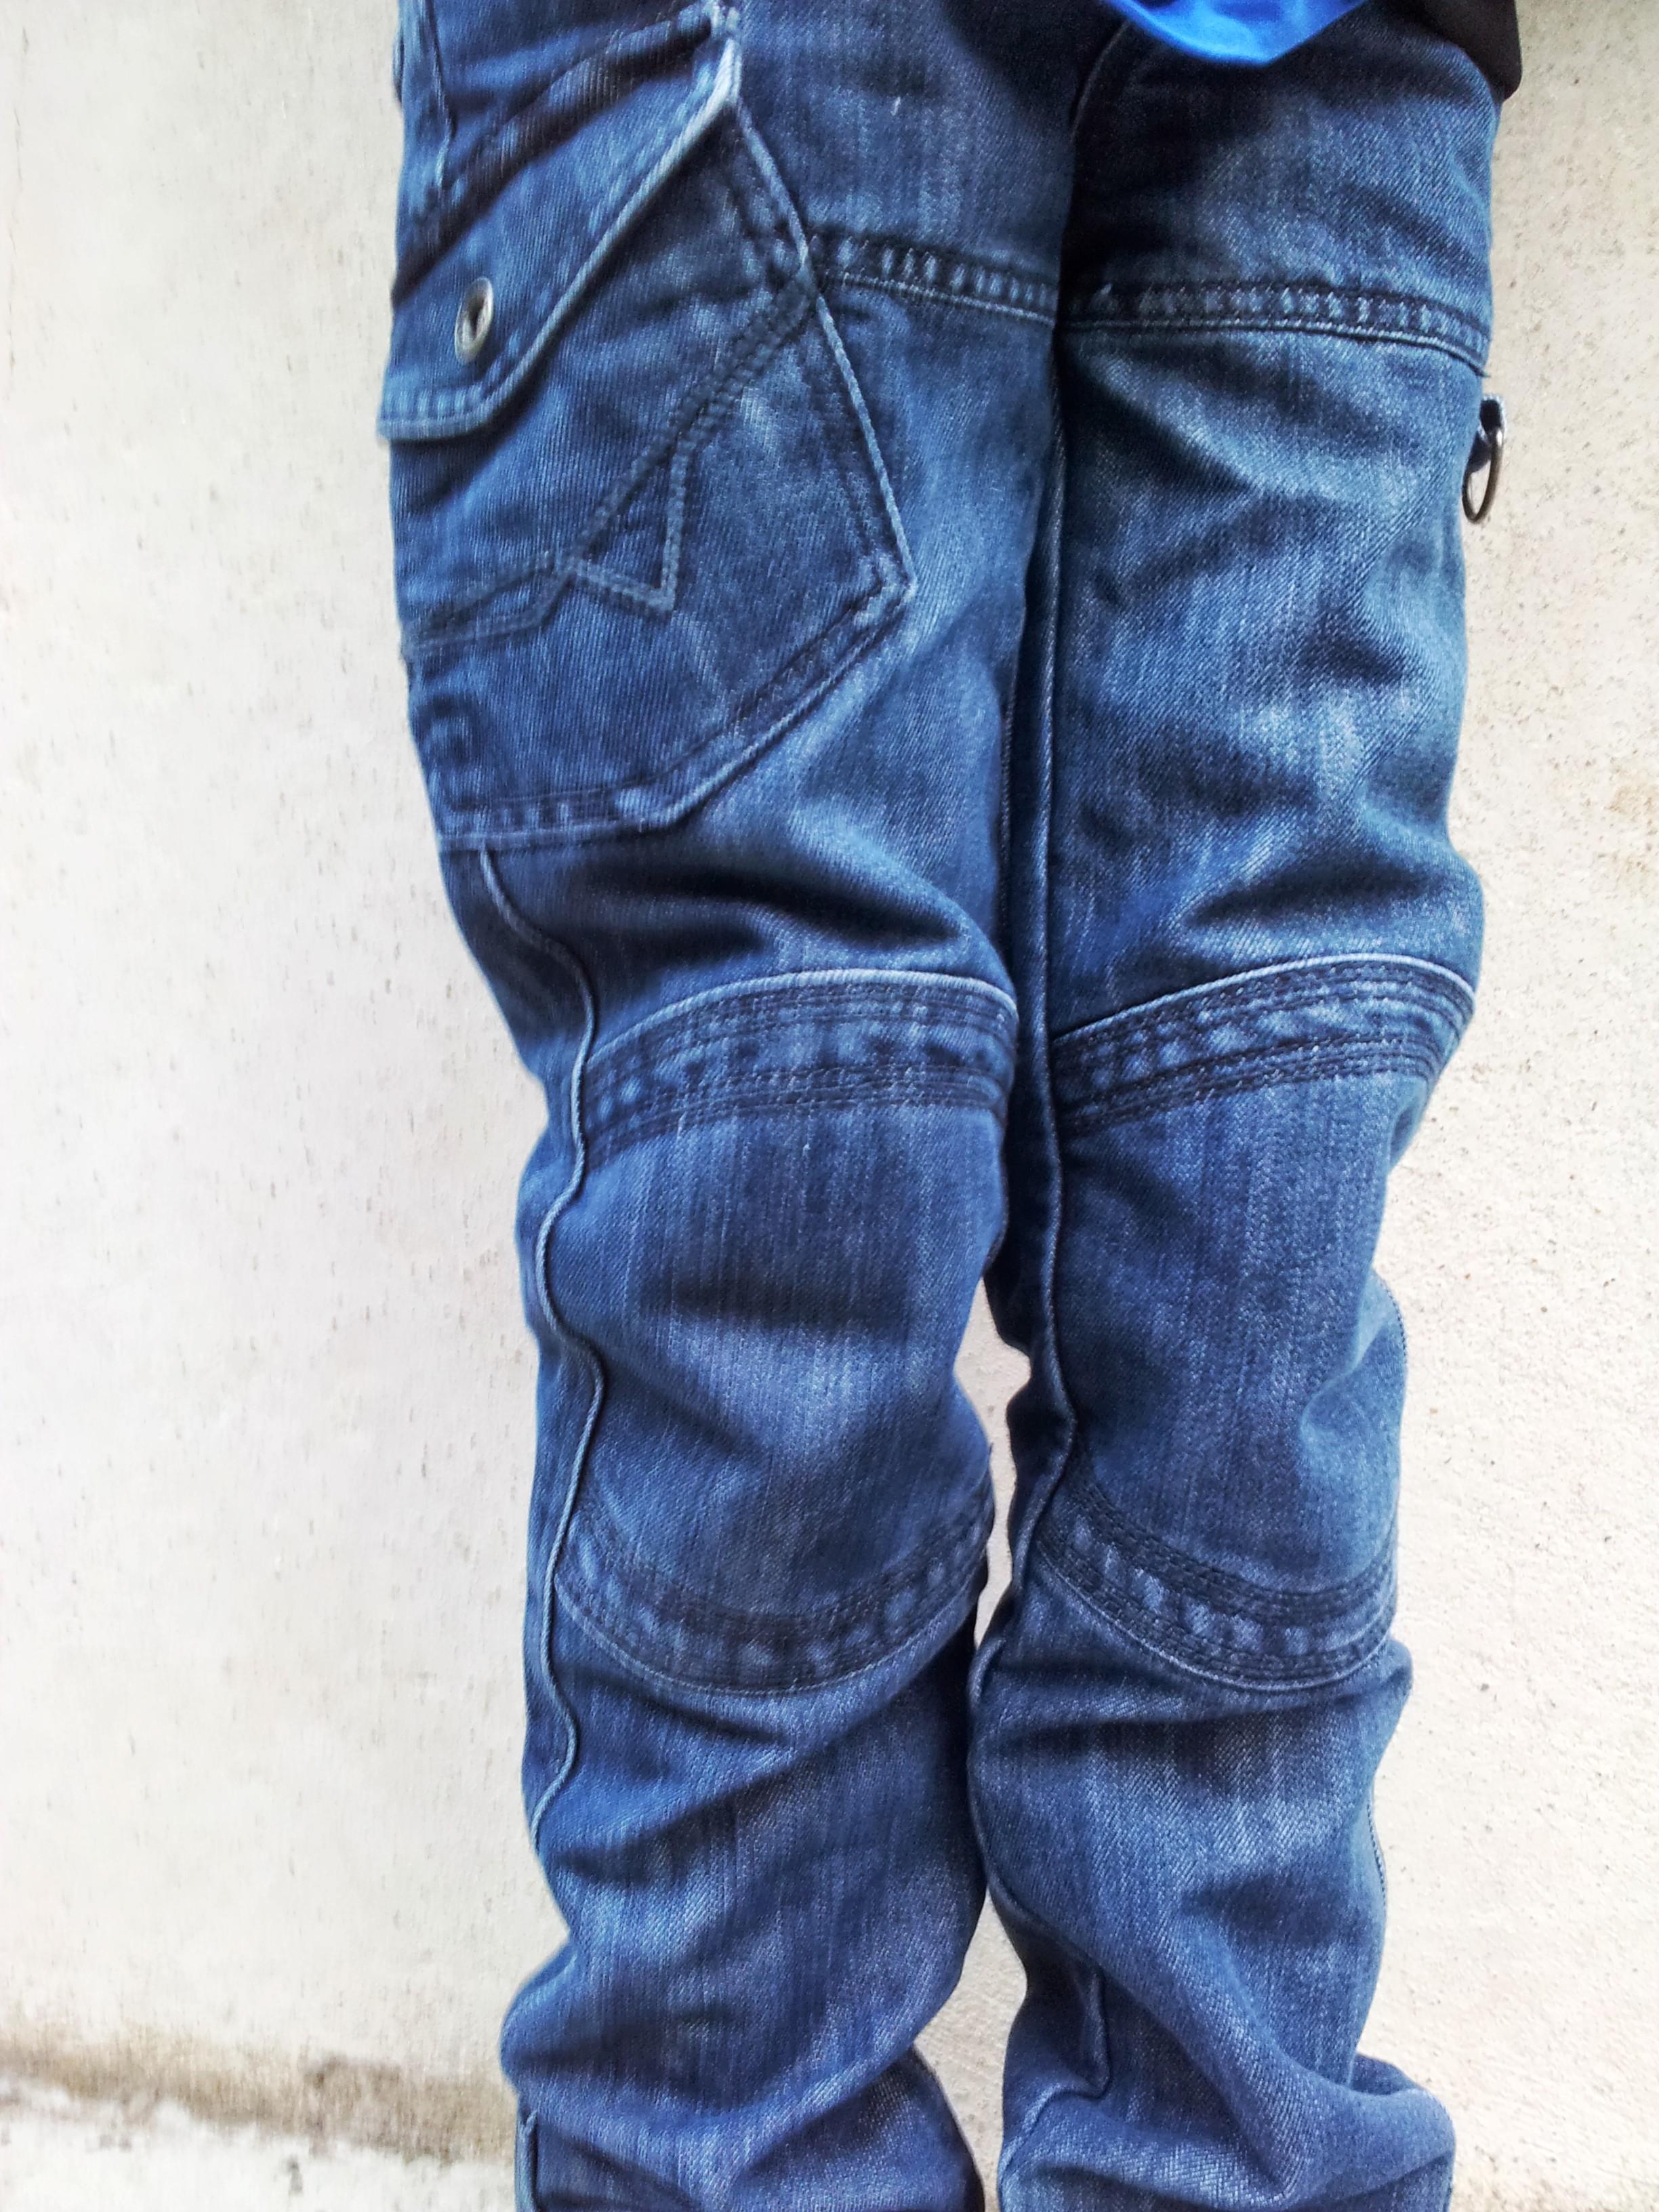 2c1d3408b5c4 Un pantalon indestructible  vertbaudet l a fait  Cadeau dedans